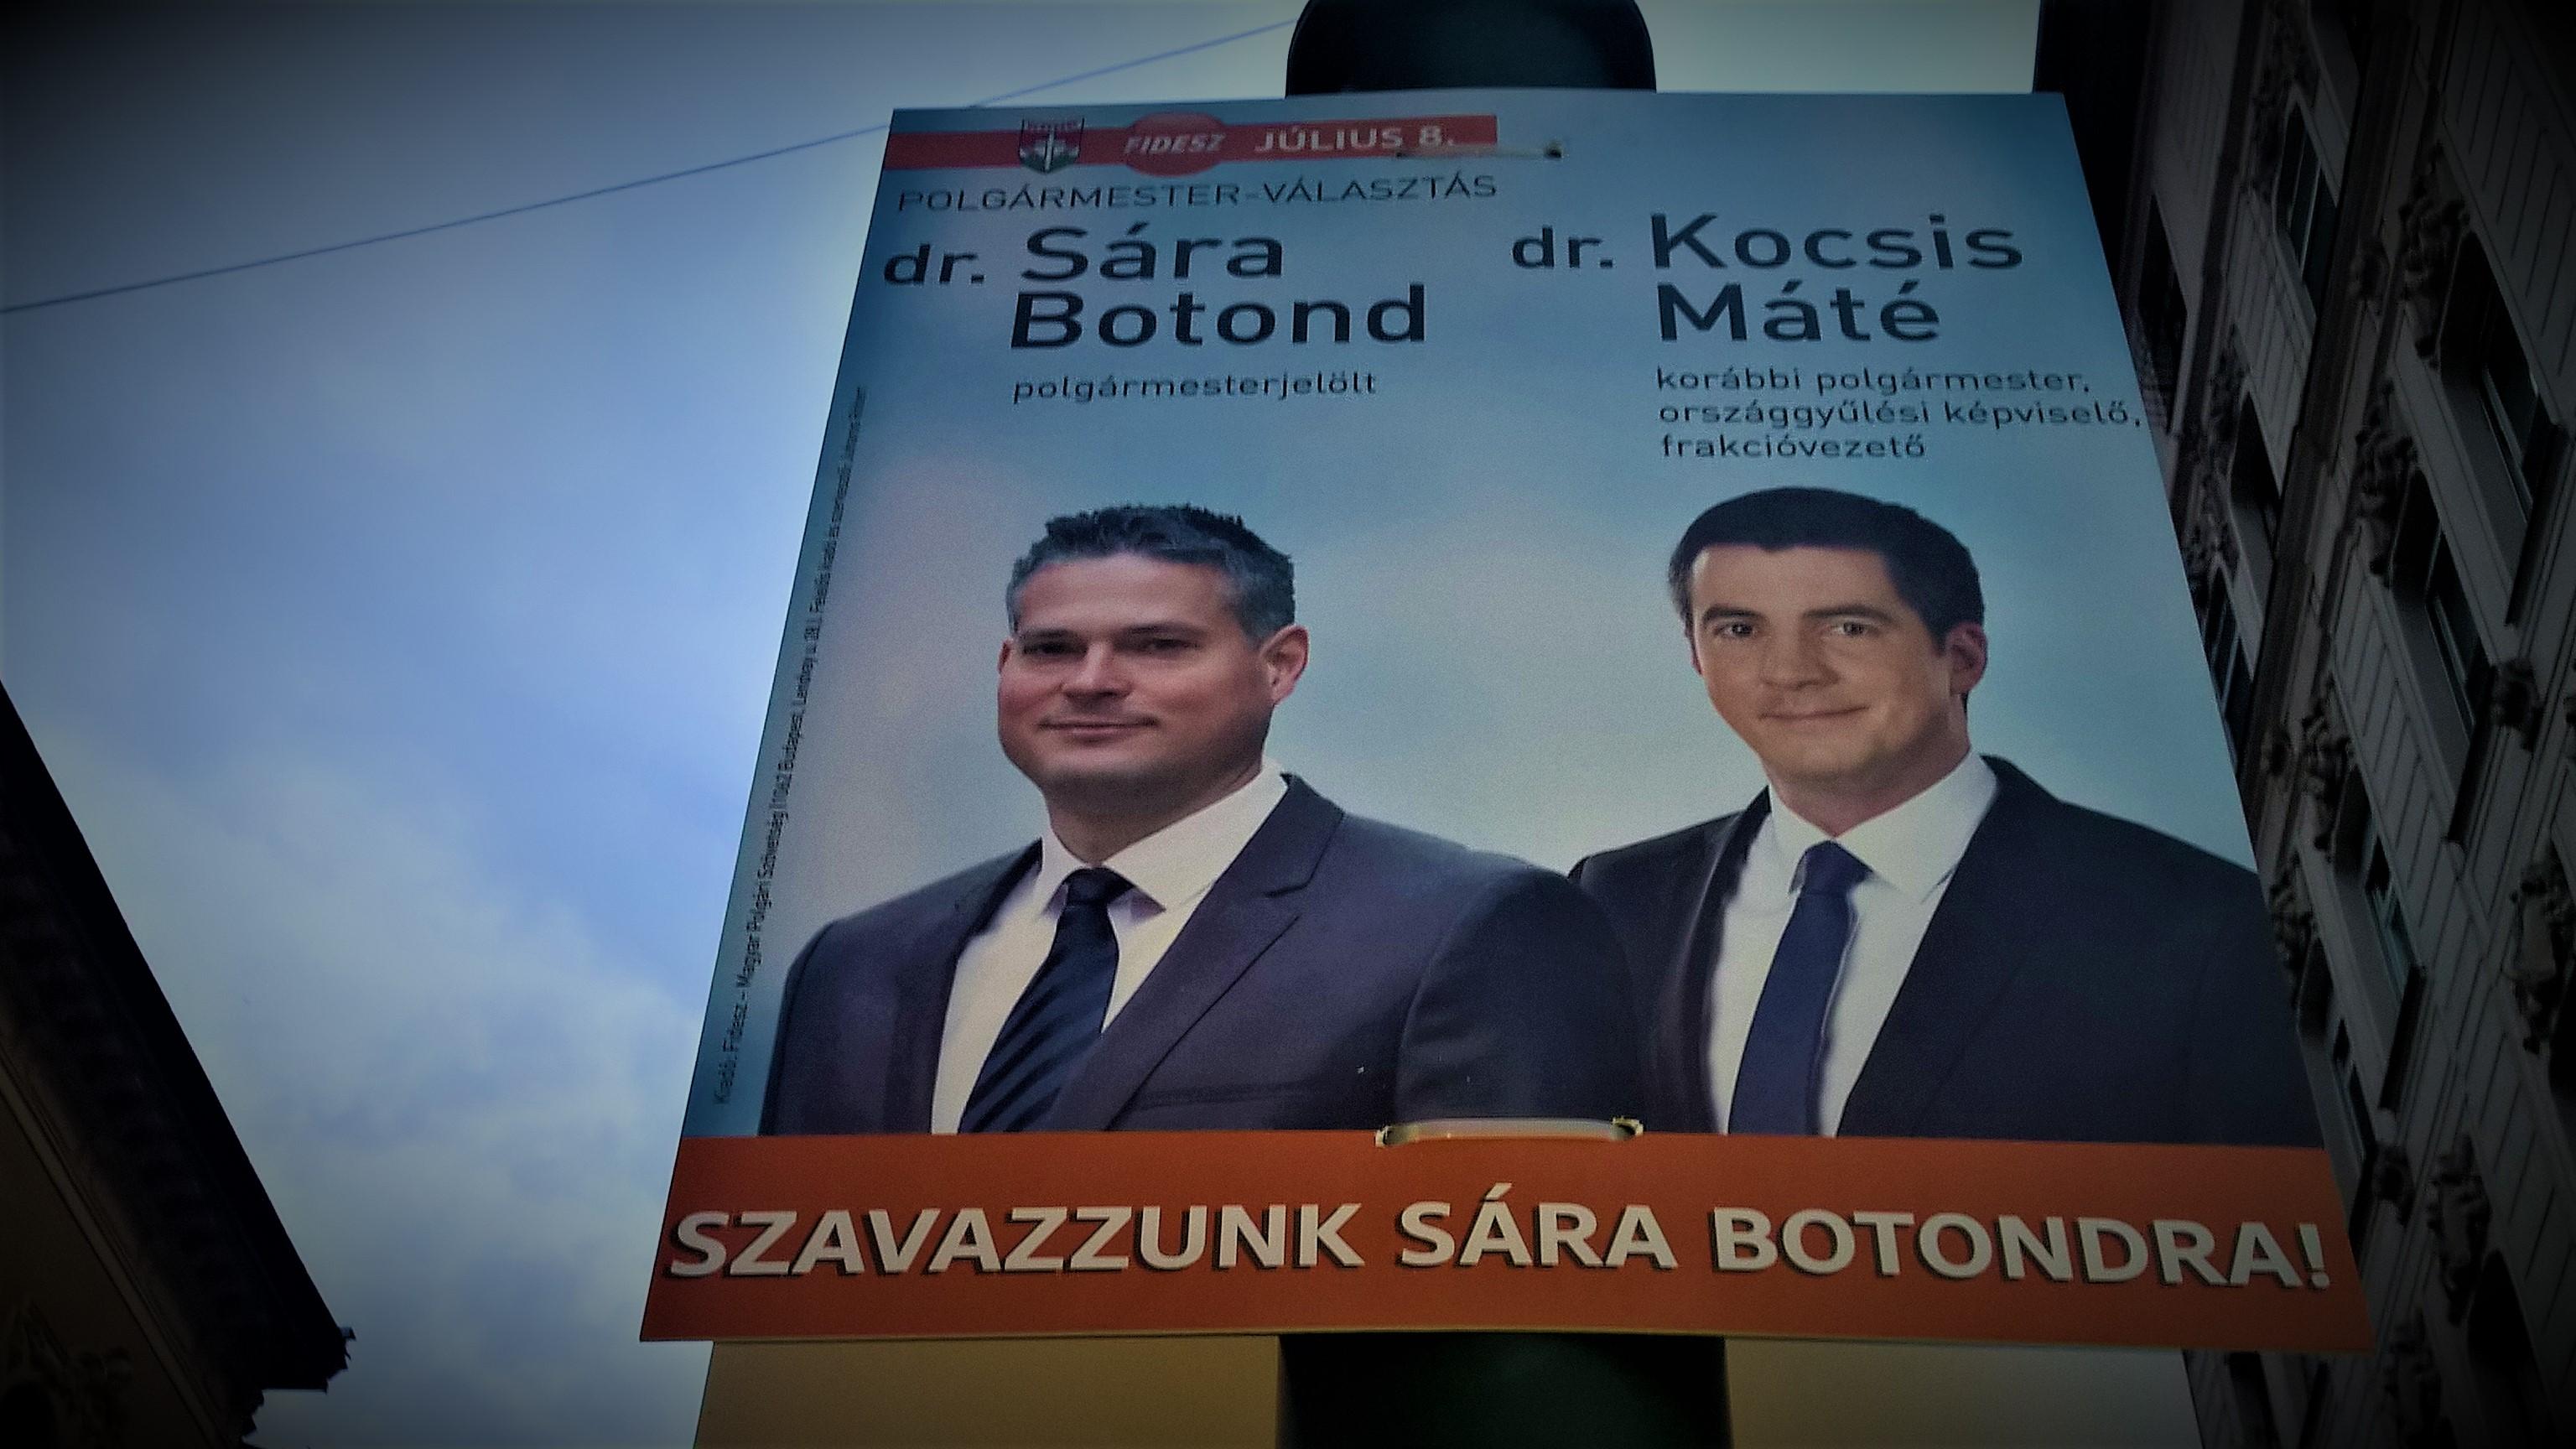 Pikó leveleket tett ki a netre, amik szerint Kocsis Mátéval kellett jóváhagyatni a kerületi újság tartalmát